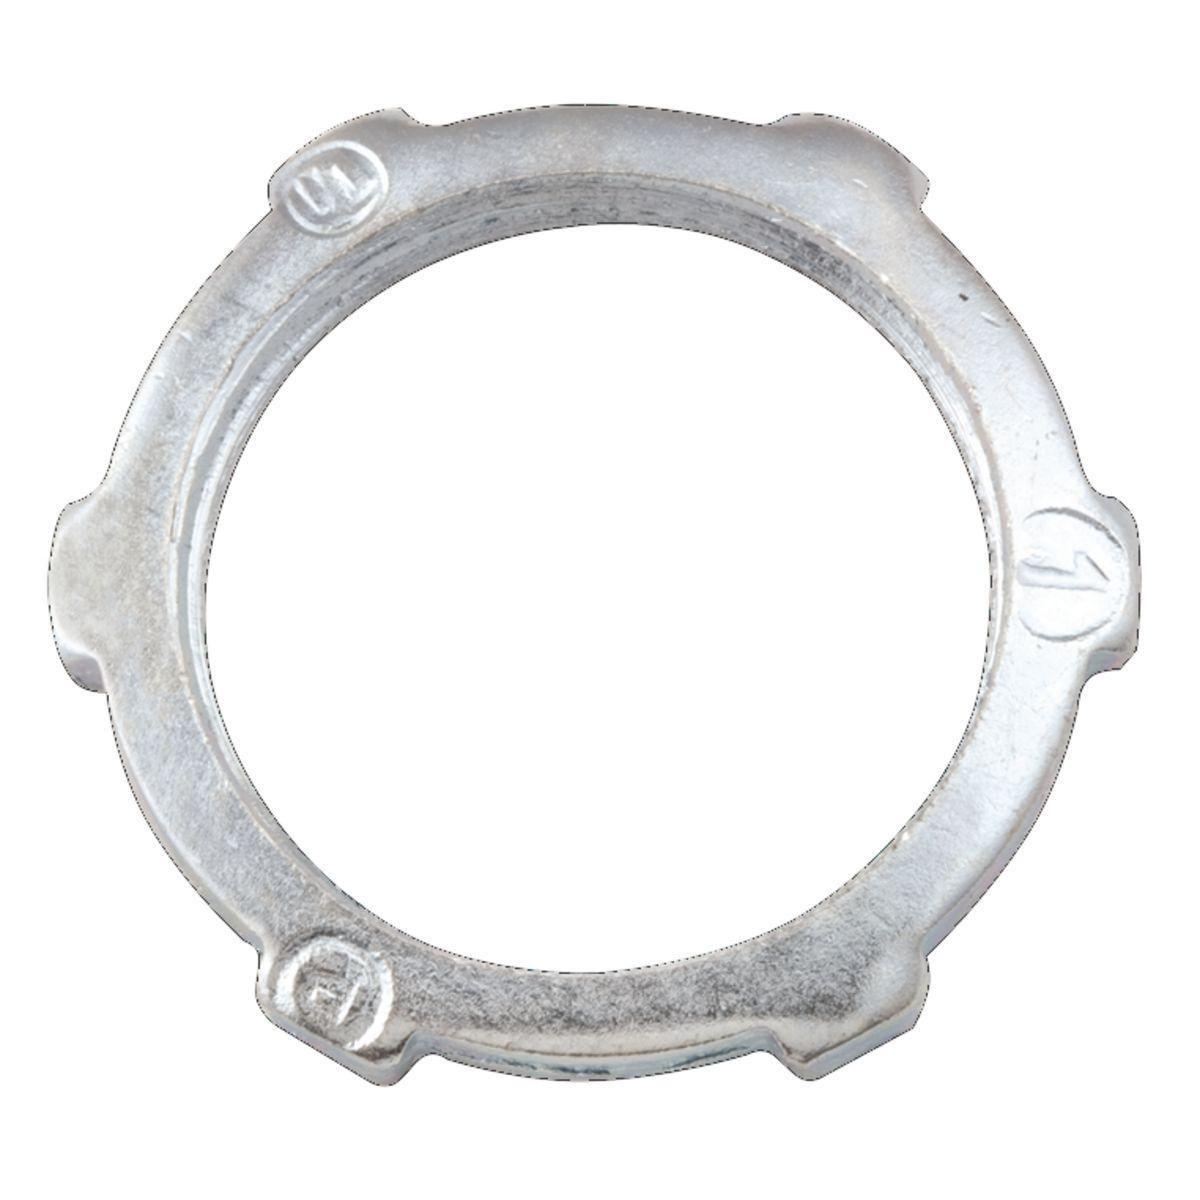 LOCKNUT 1 IN STEEL